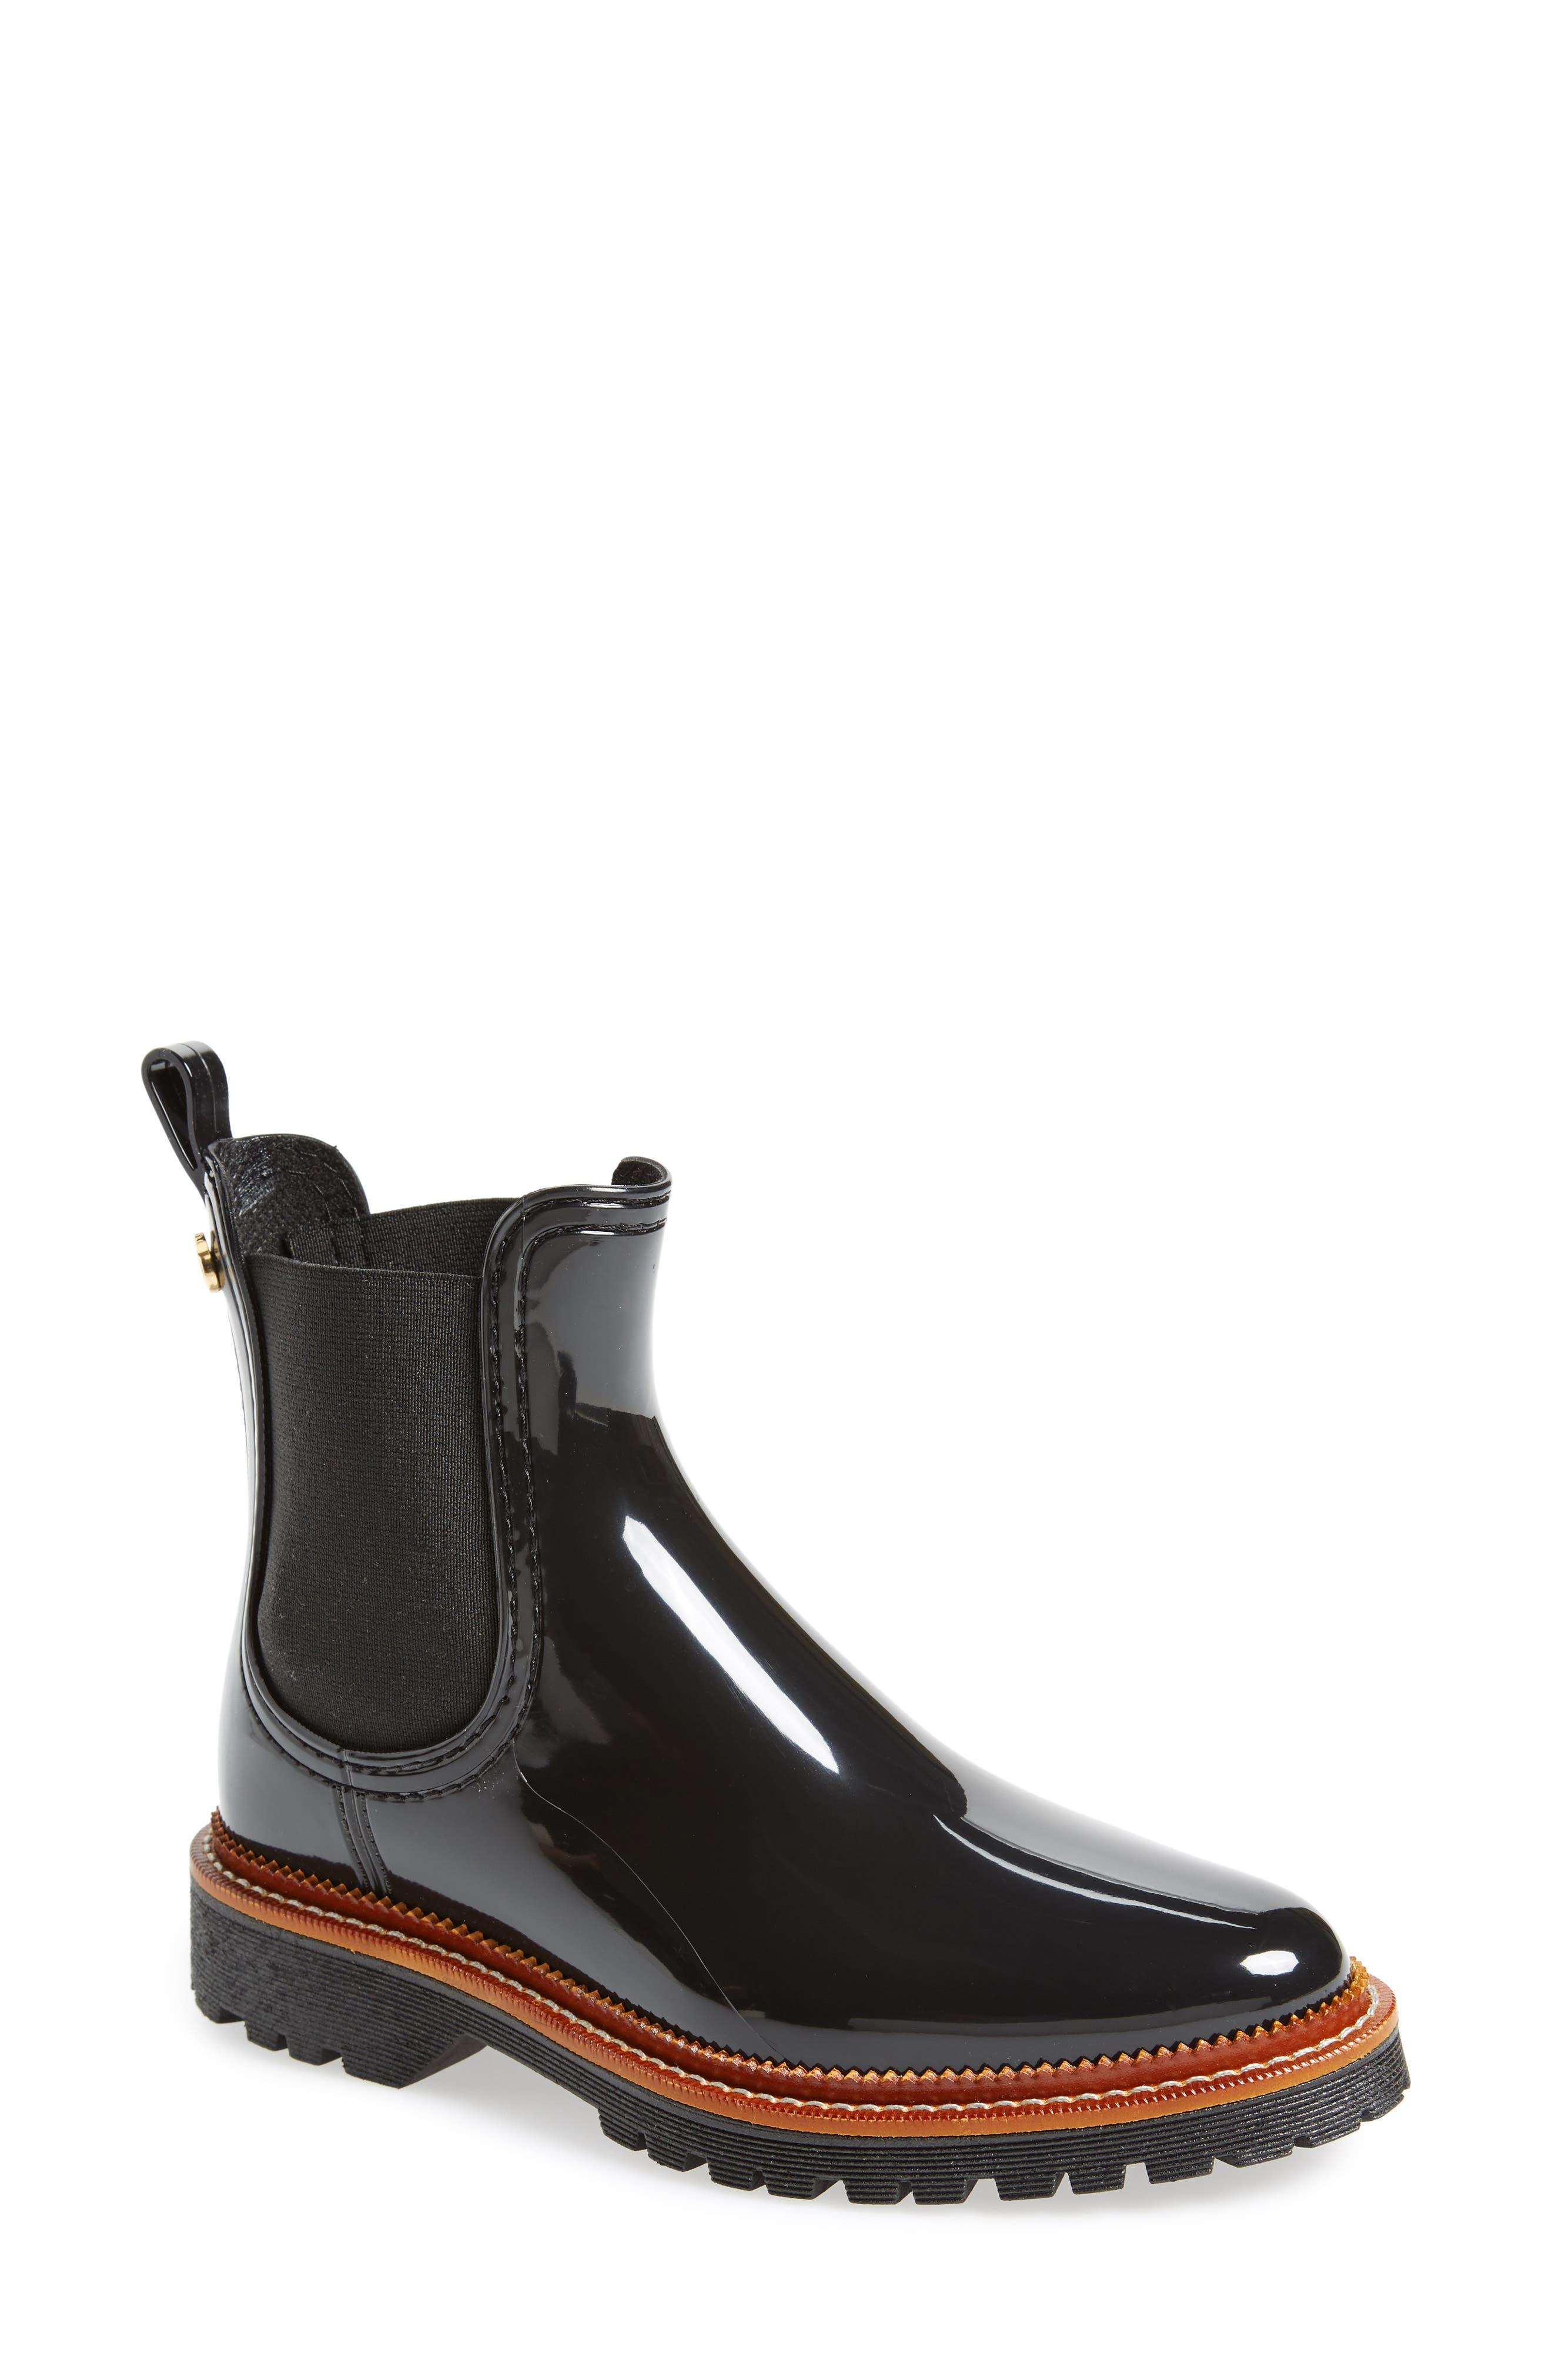 April Waterproof Chelsea Boot,                         Main,                         color, Black Gloss